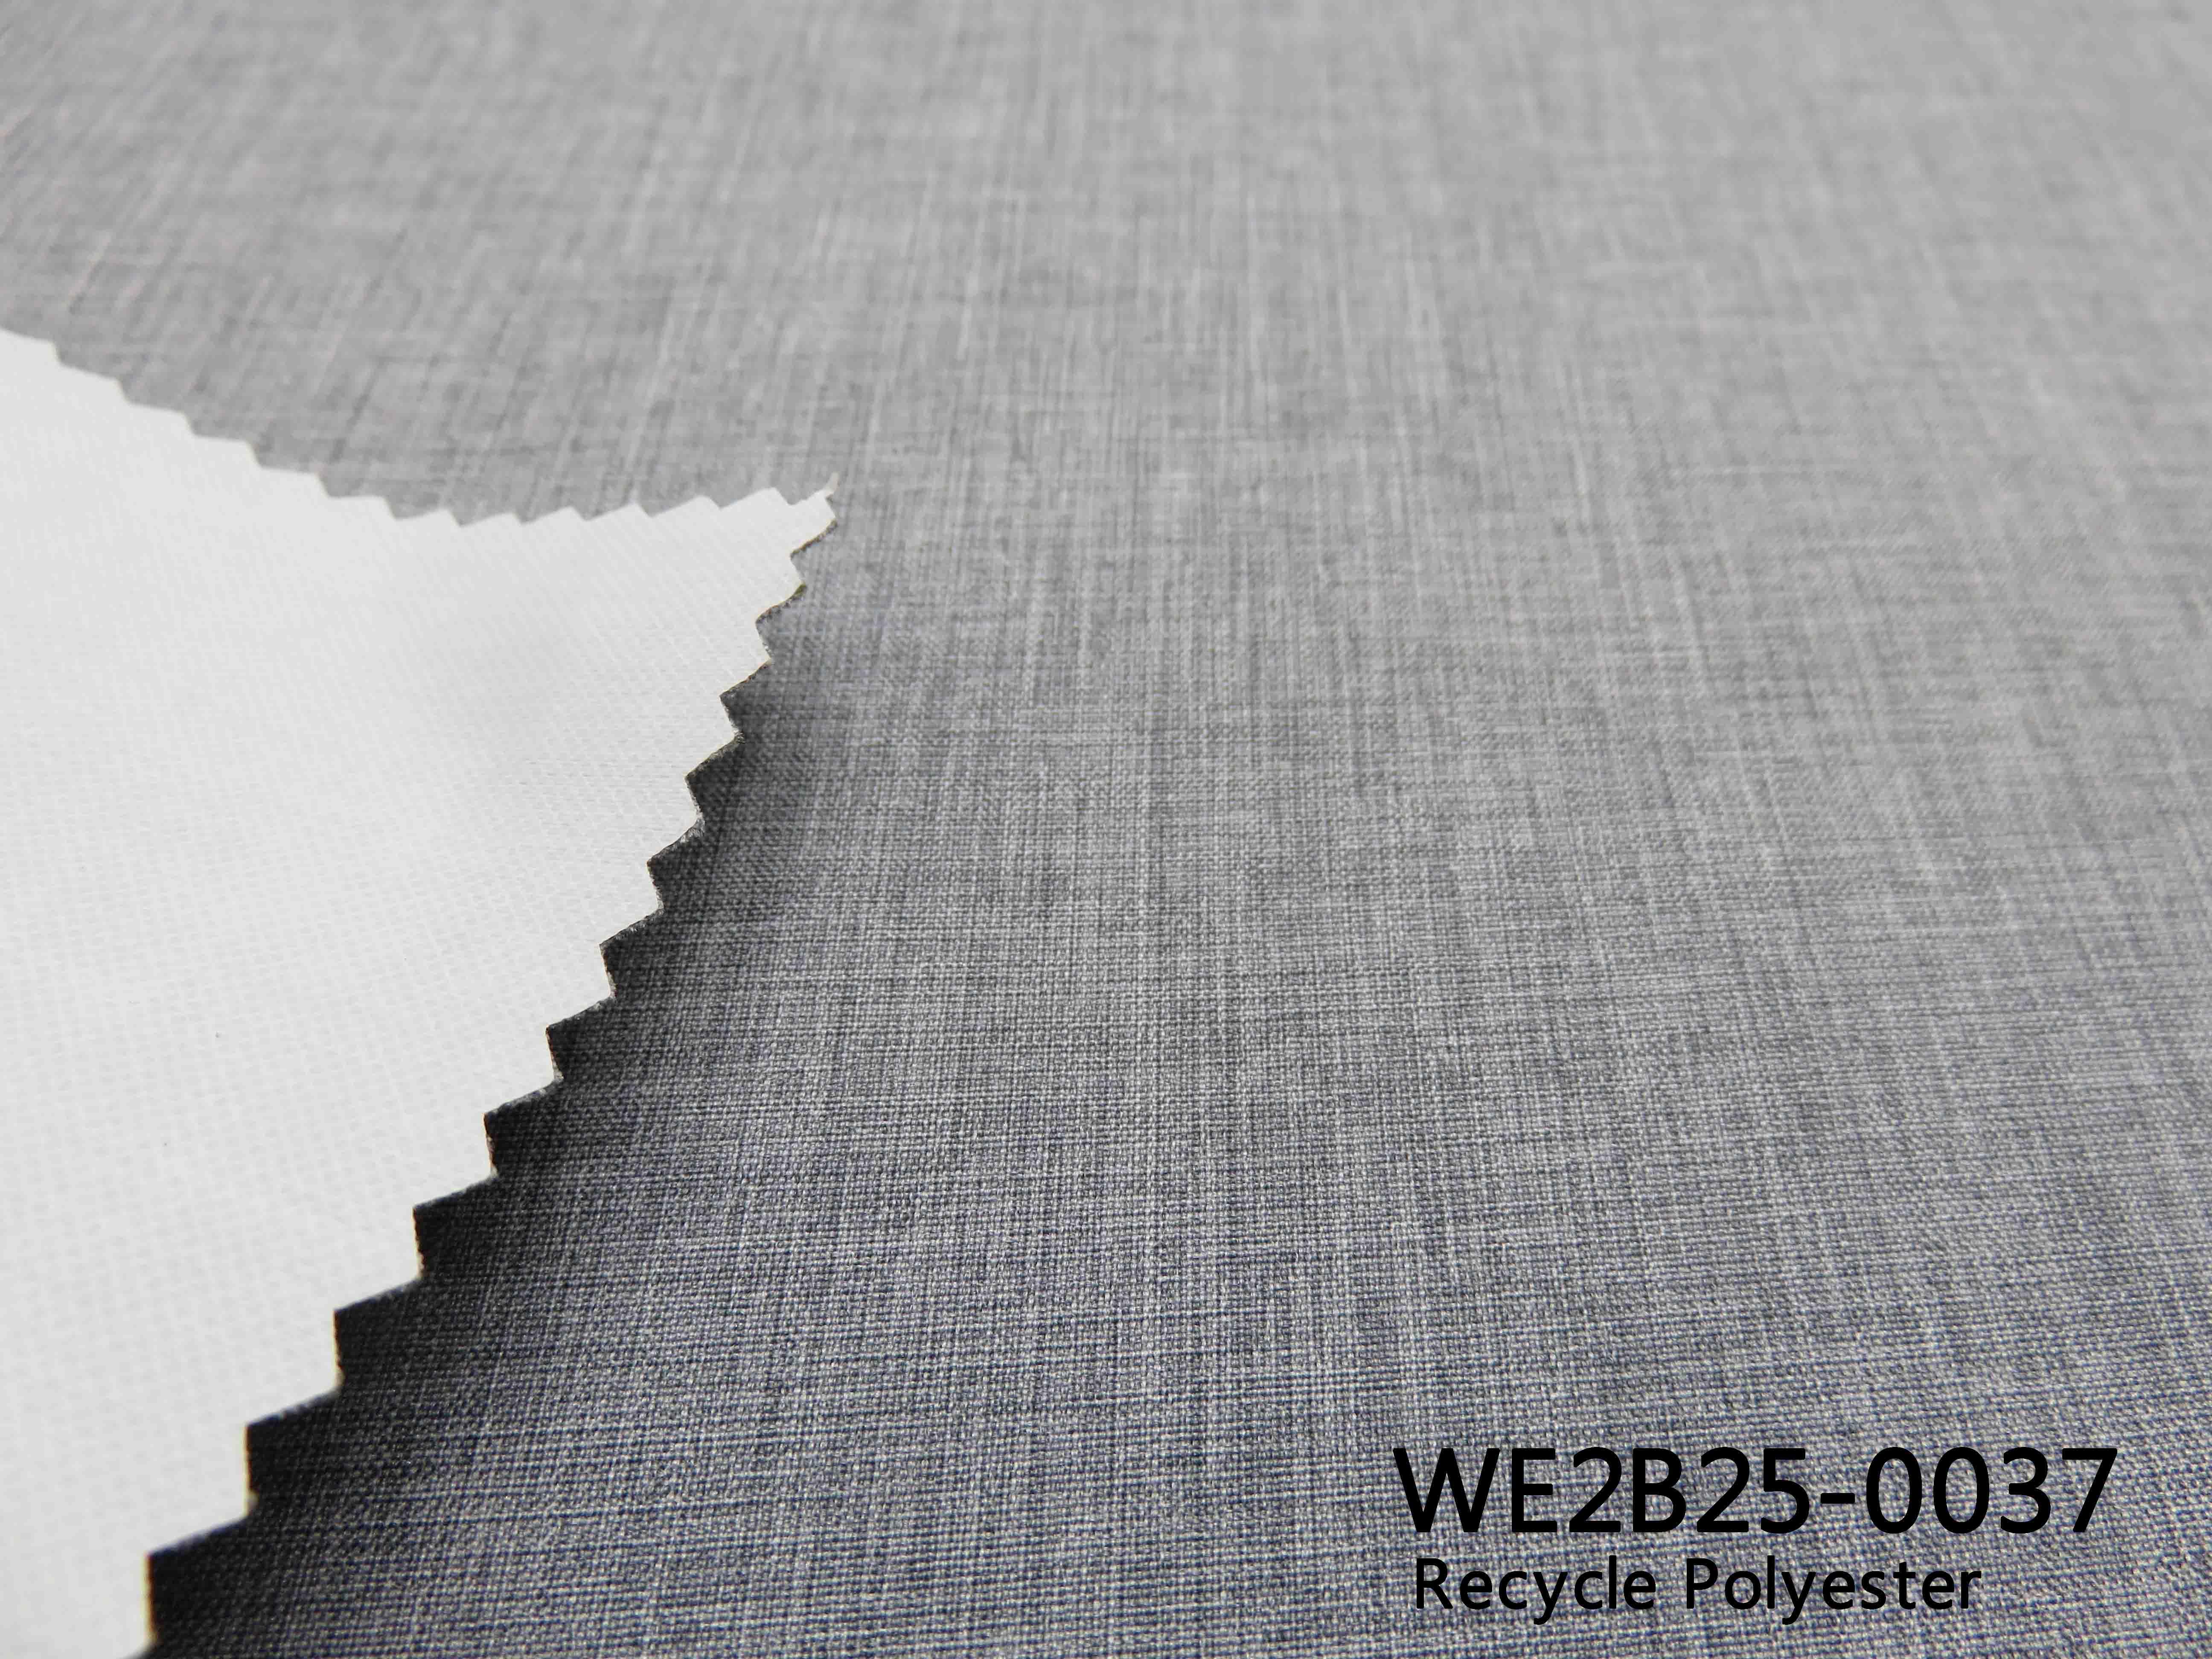 WE2B25-0037